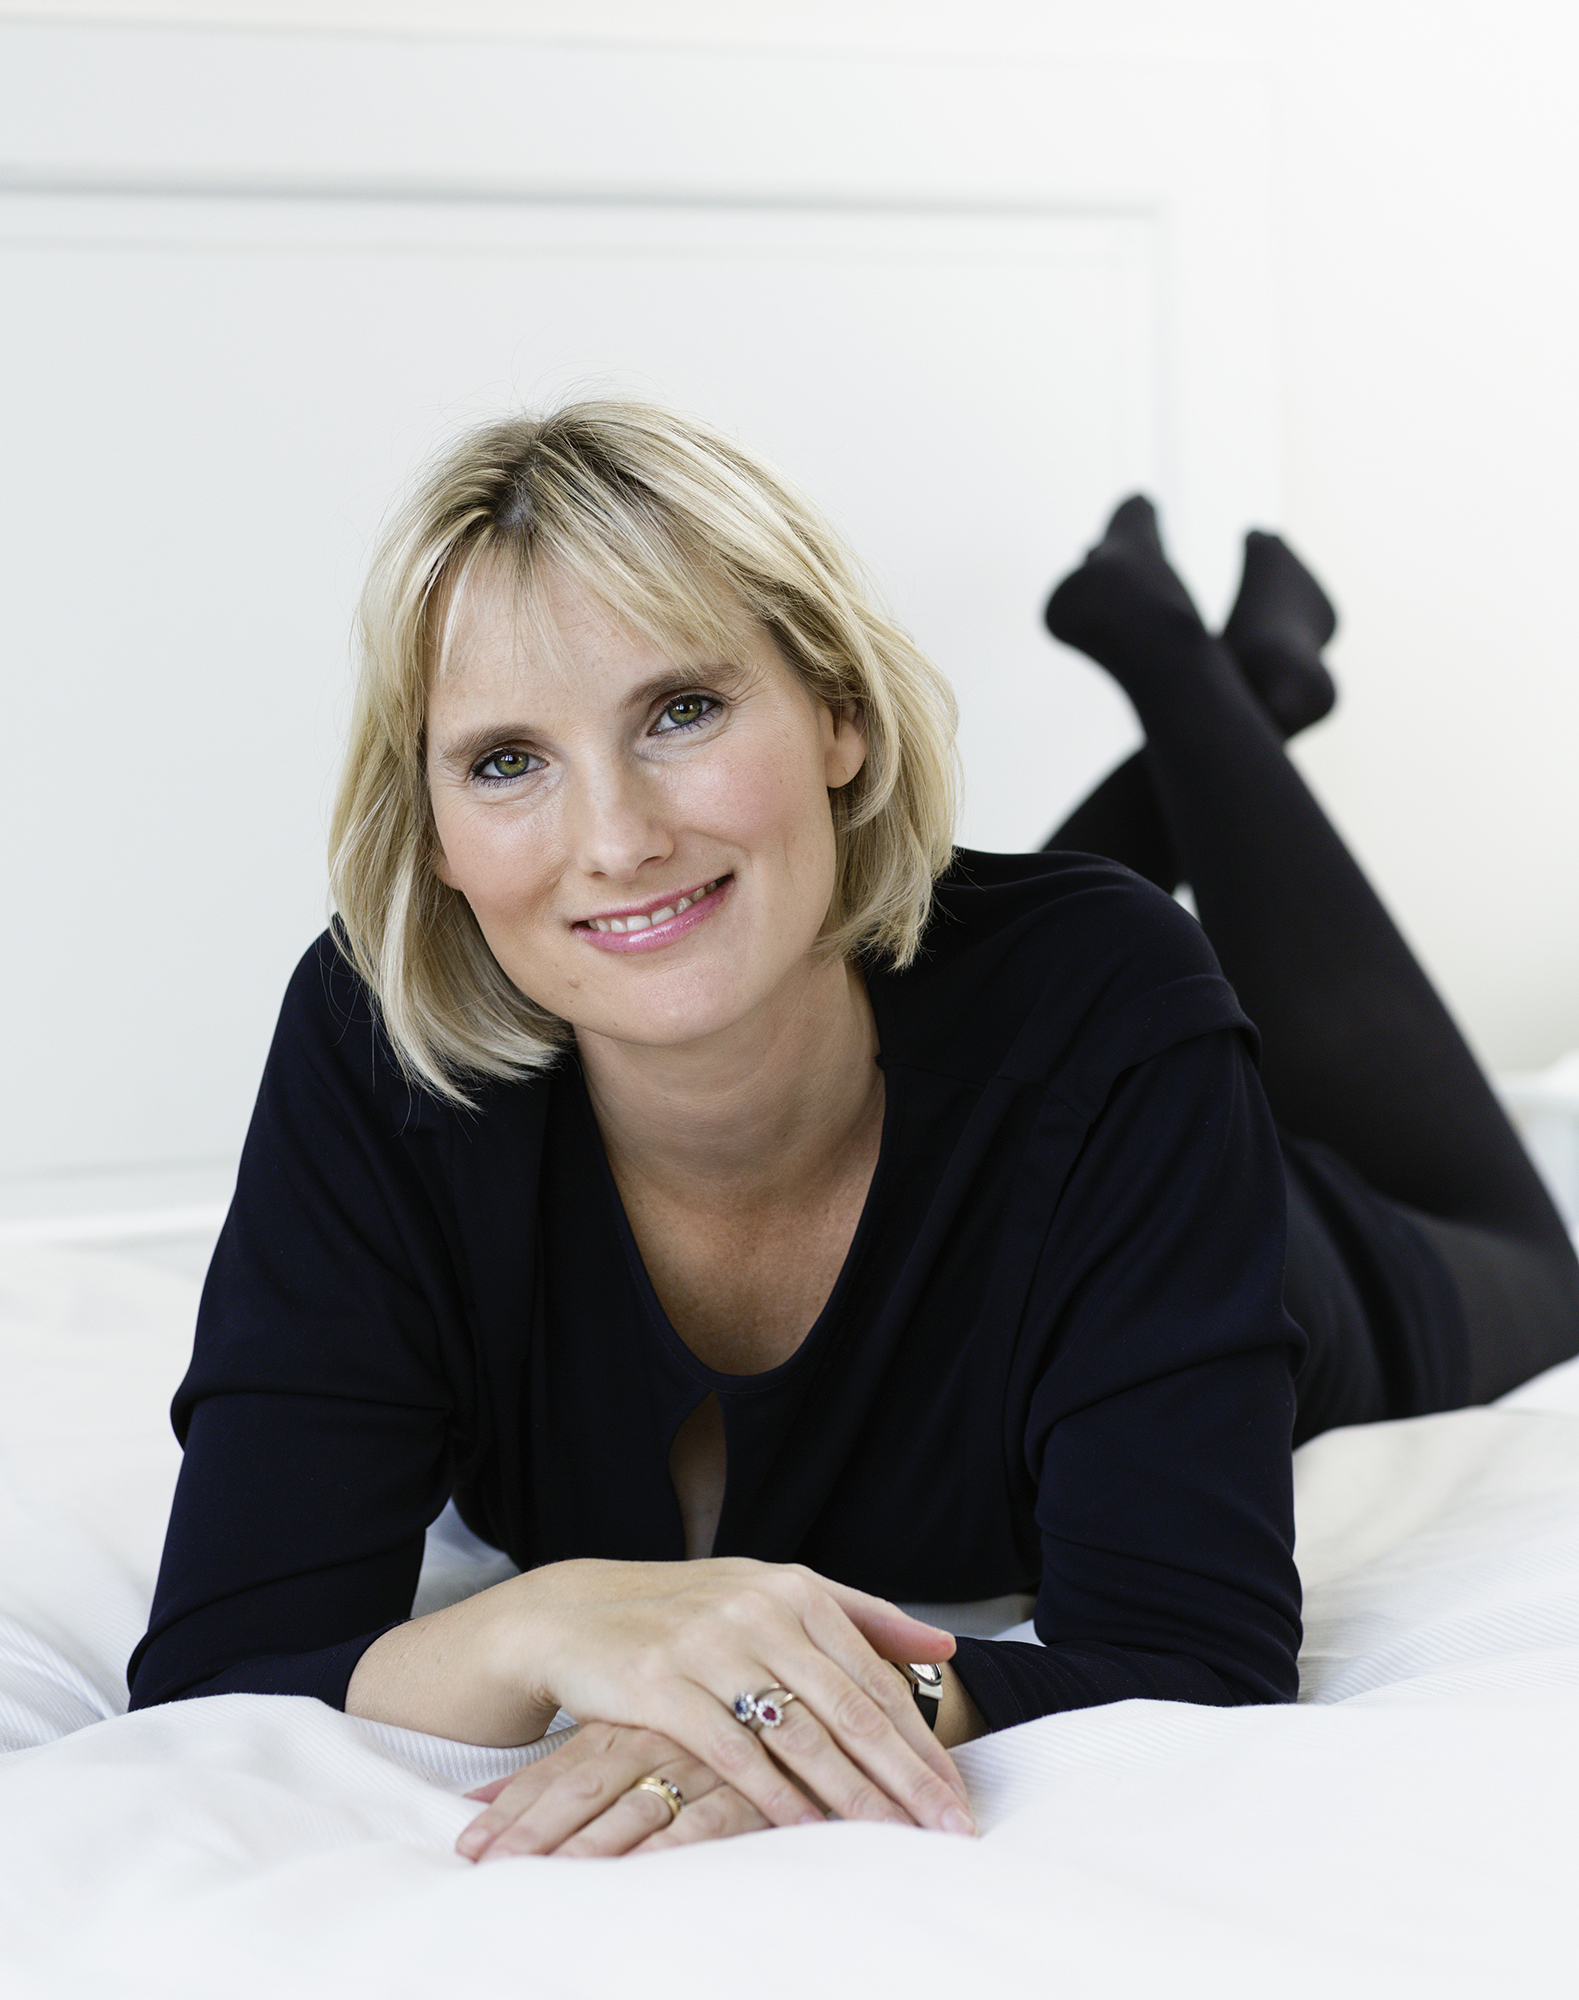 Camilla Alexandrine Kristine af Rosenborg